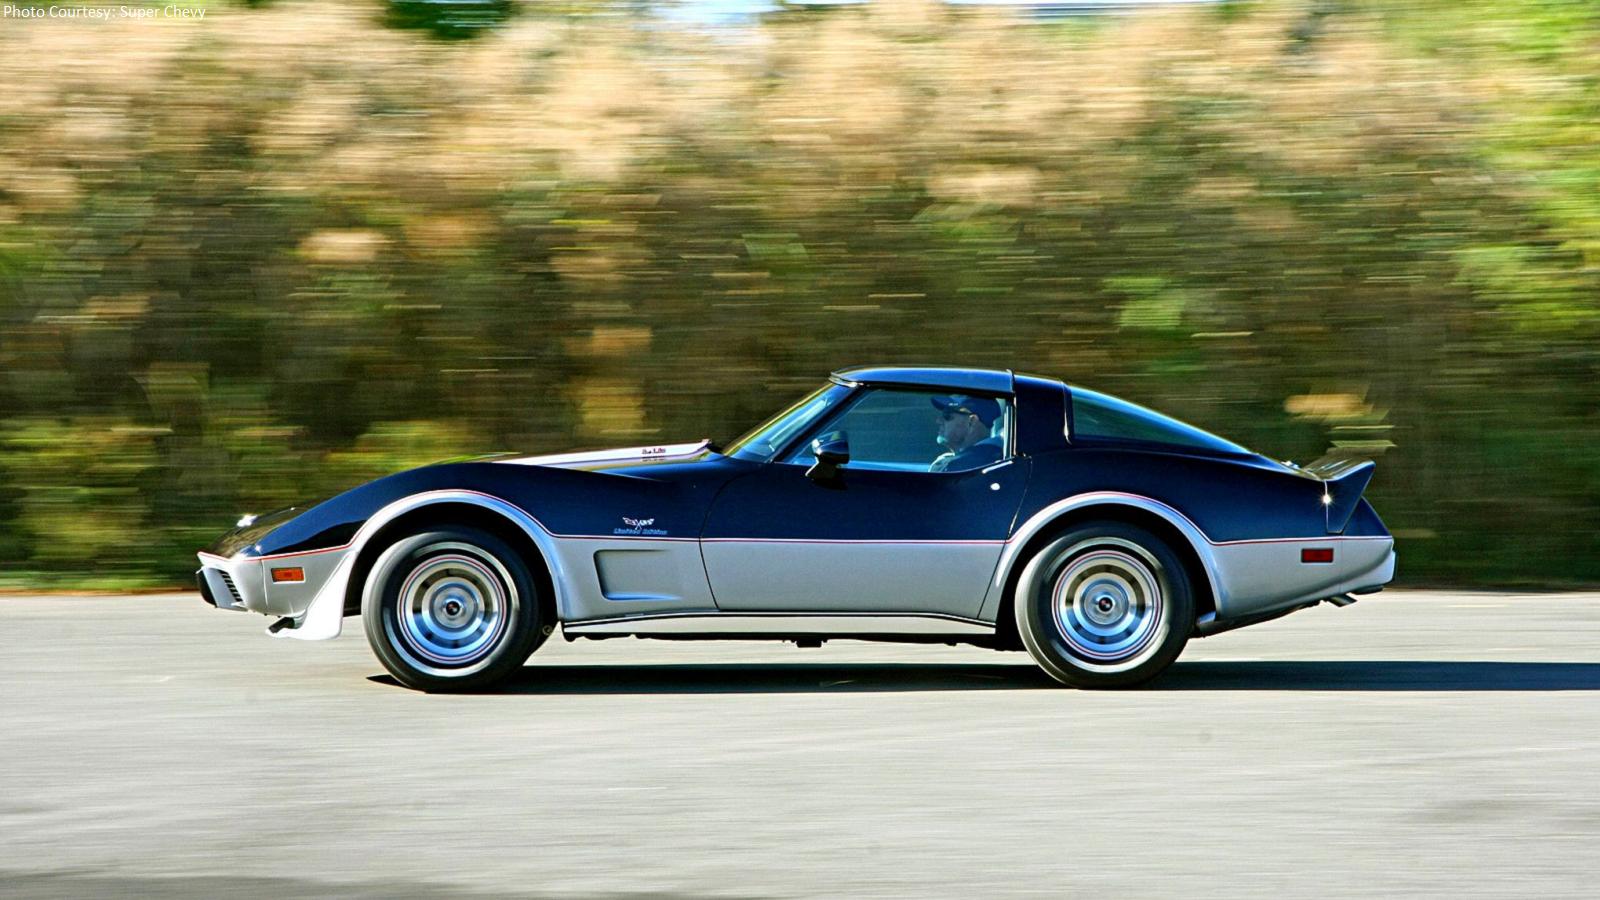 1978 Corvette Pace Car Is a Pristine Survivor